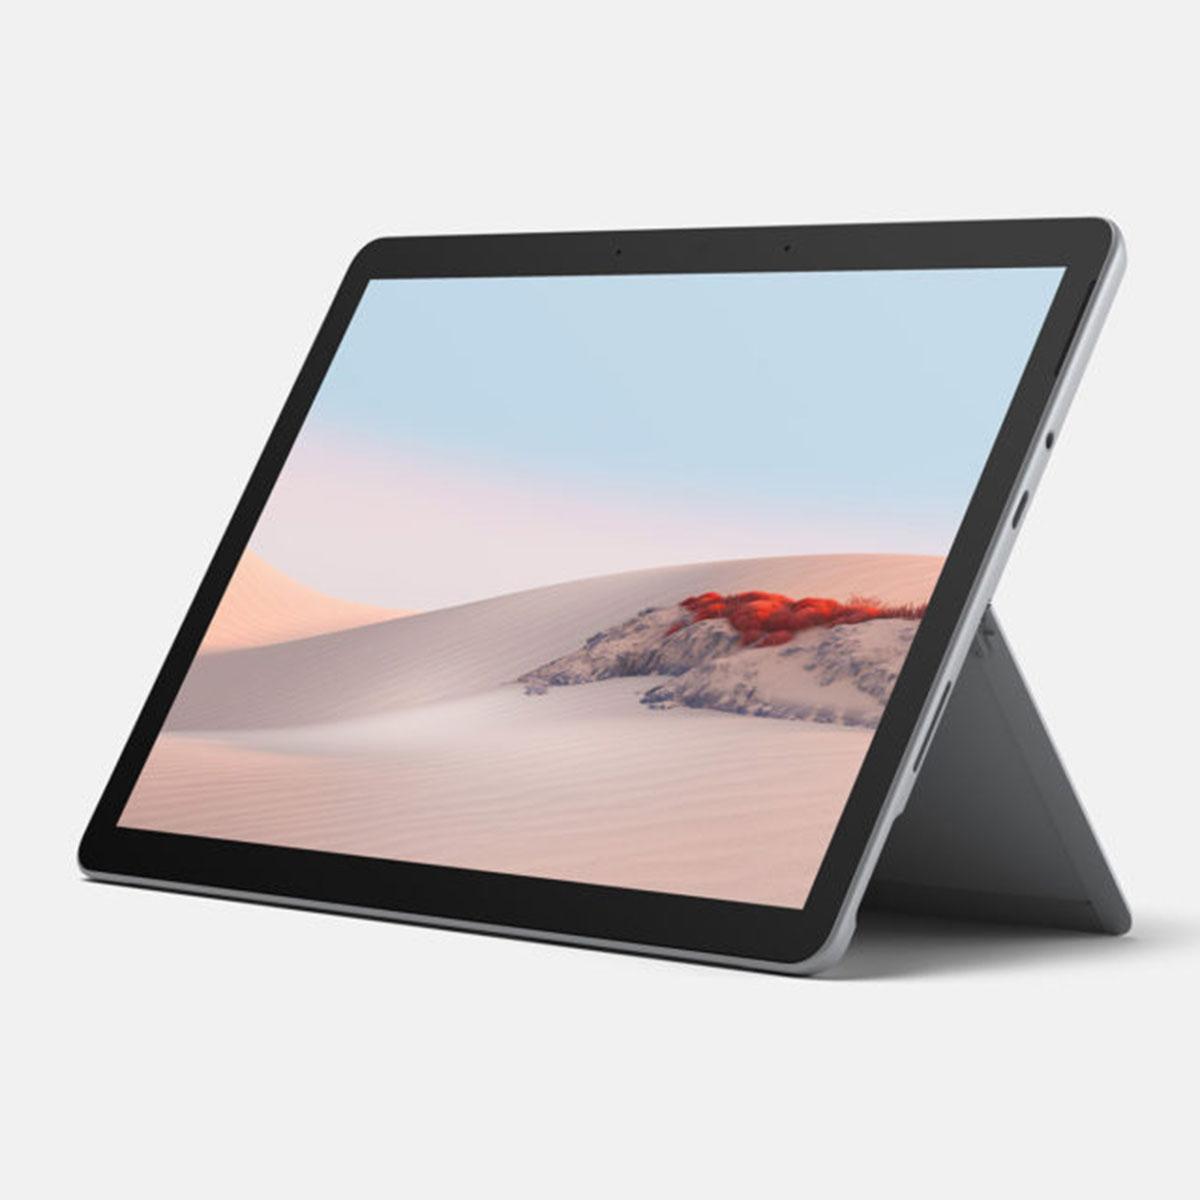 【今週発売の注目製品】マイクロソフトから、10.5型に大きくなった「Surface Go 2」が登場